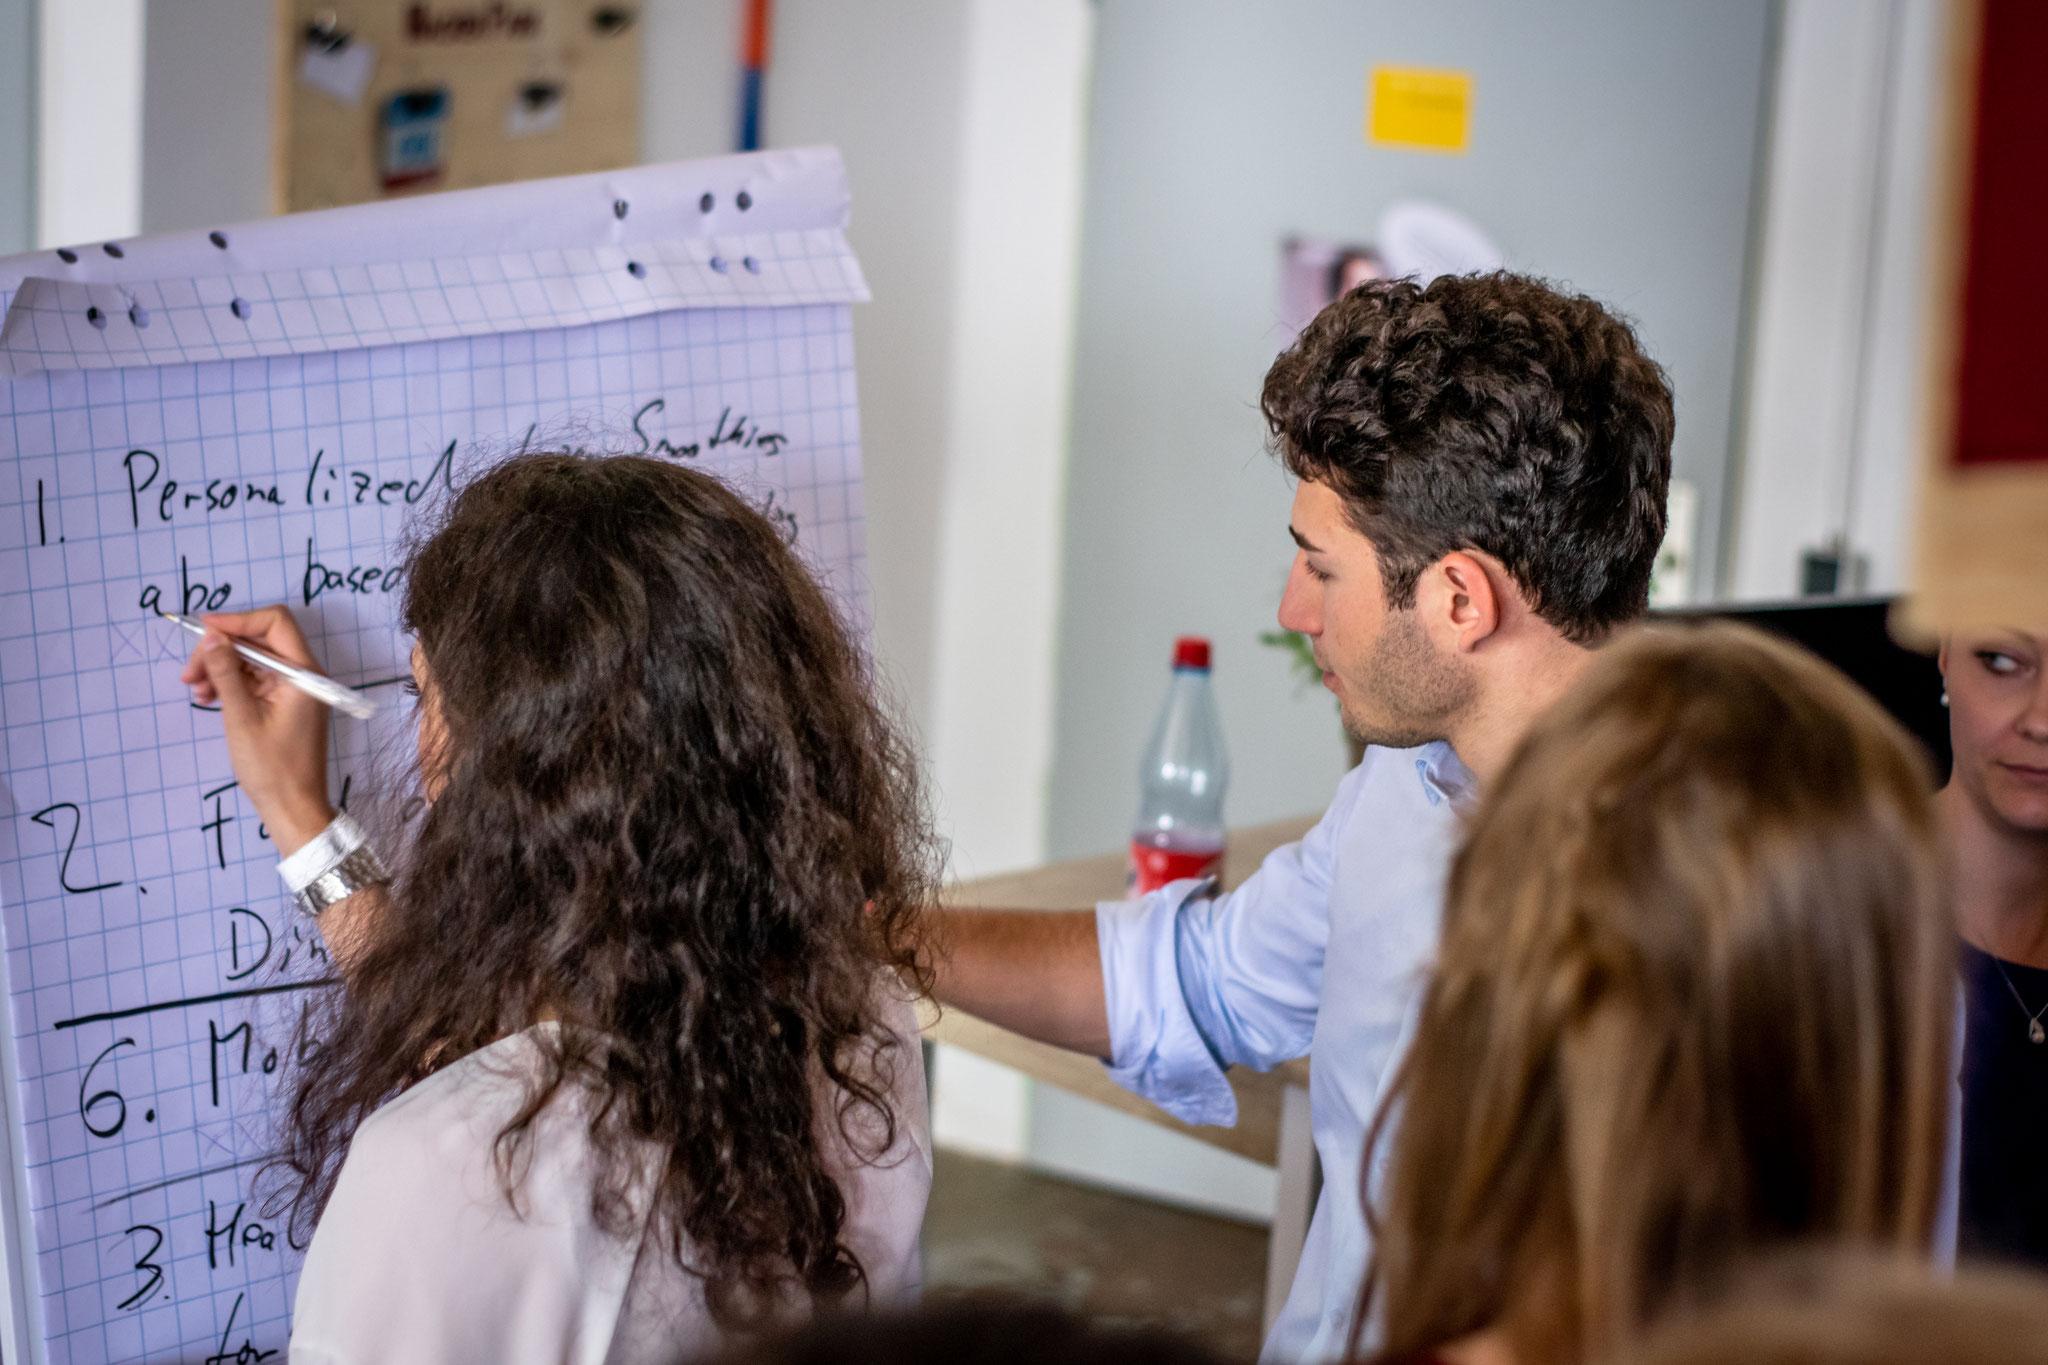 Welche Startup-Idee hat das meiste Potenzial?